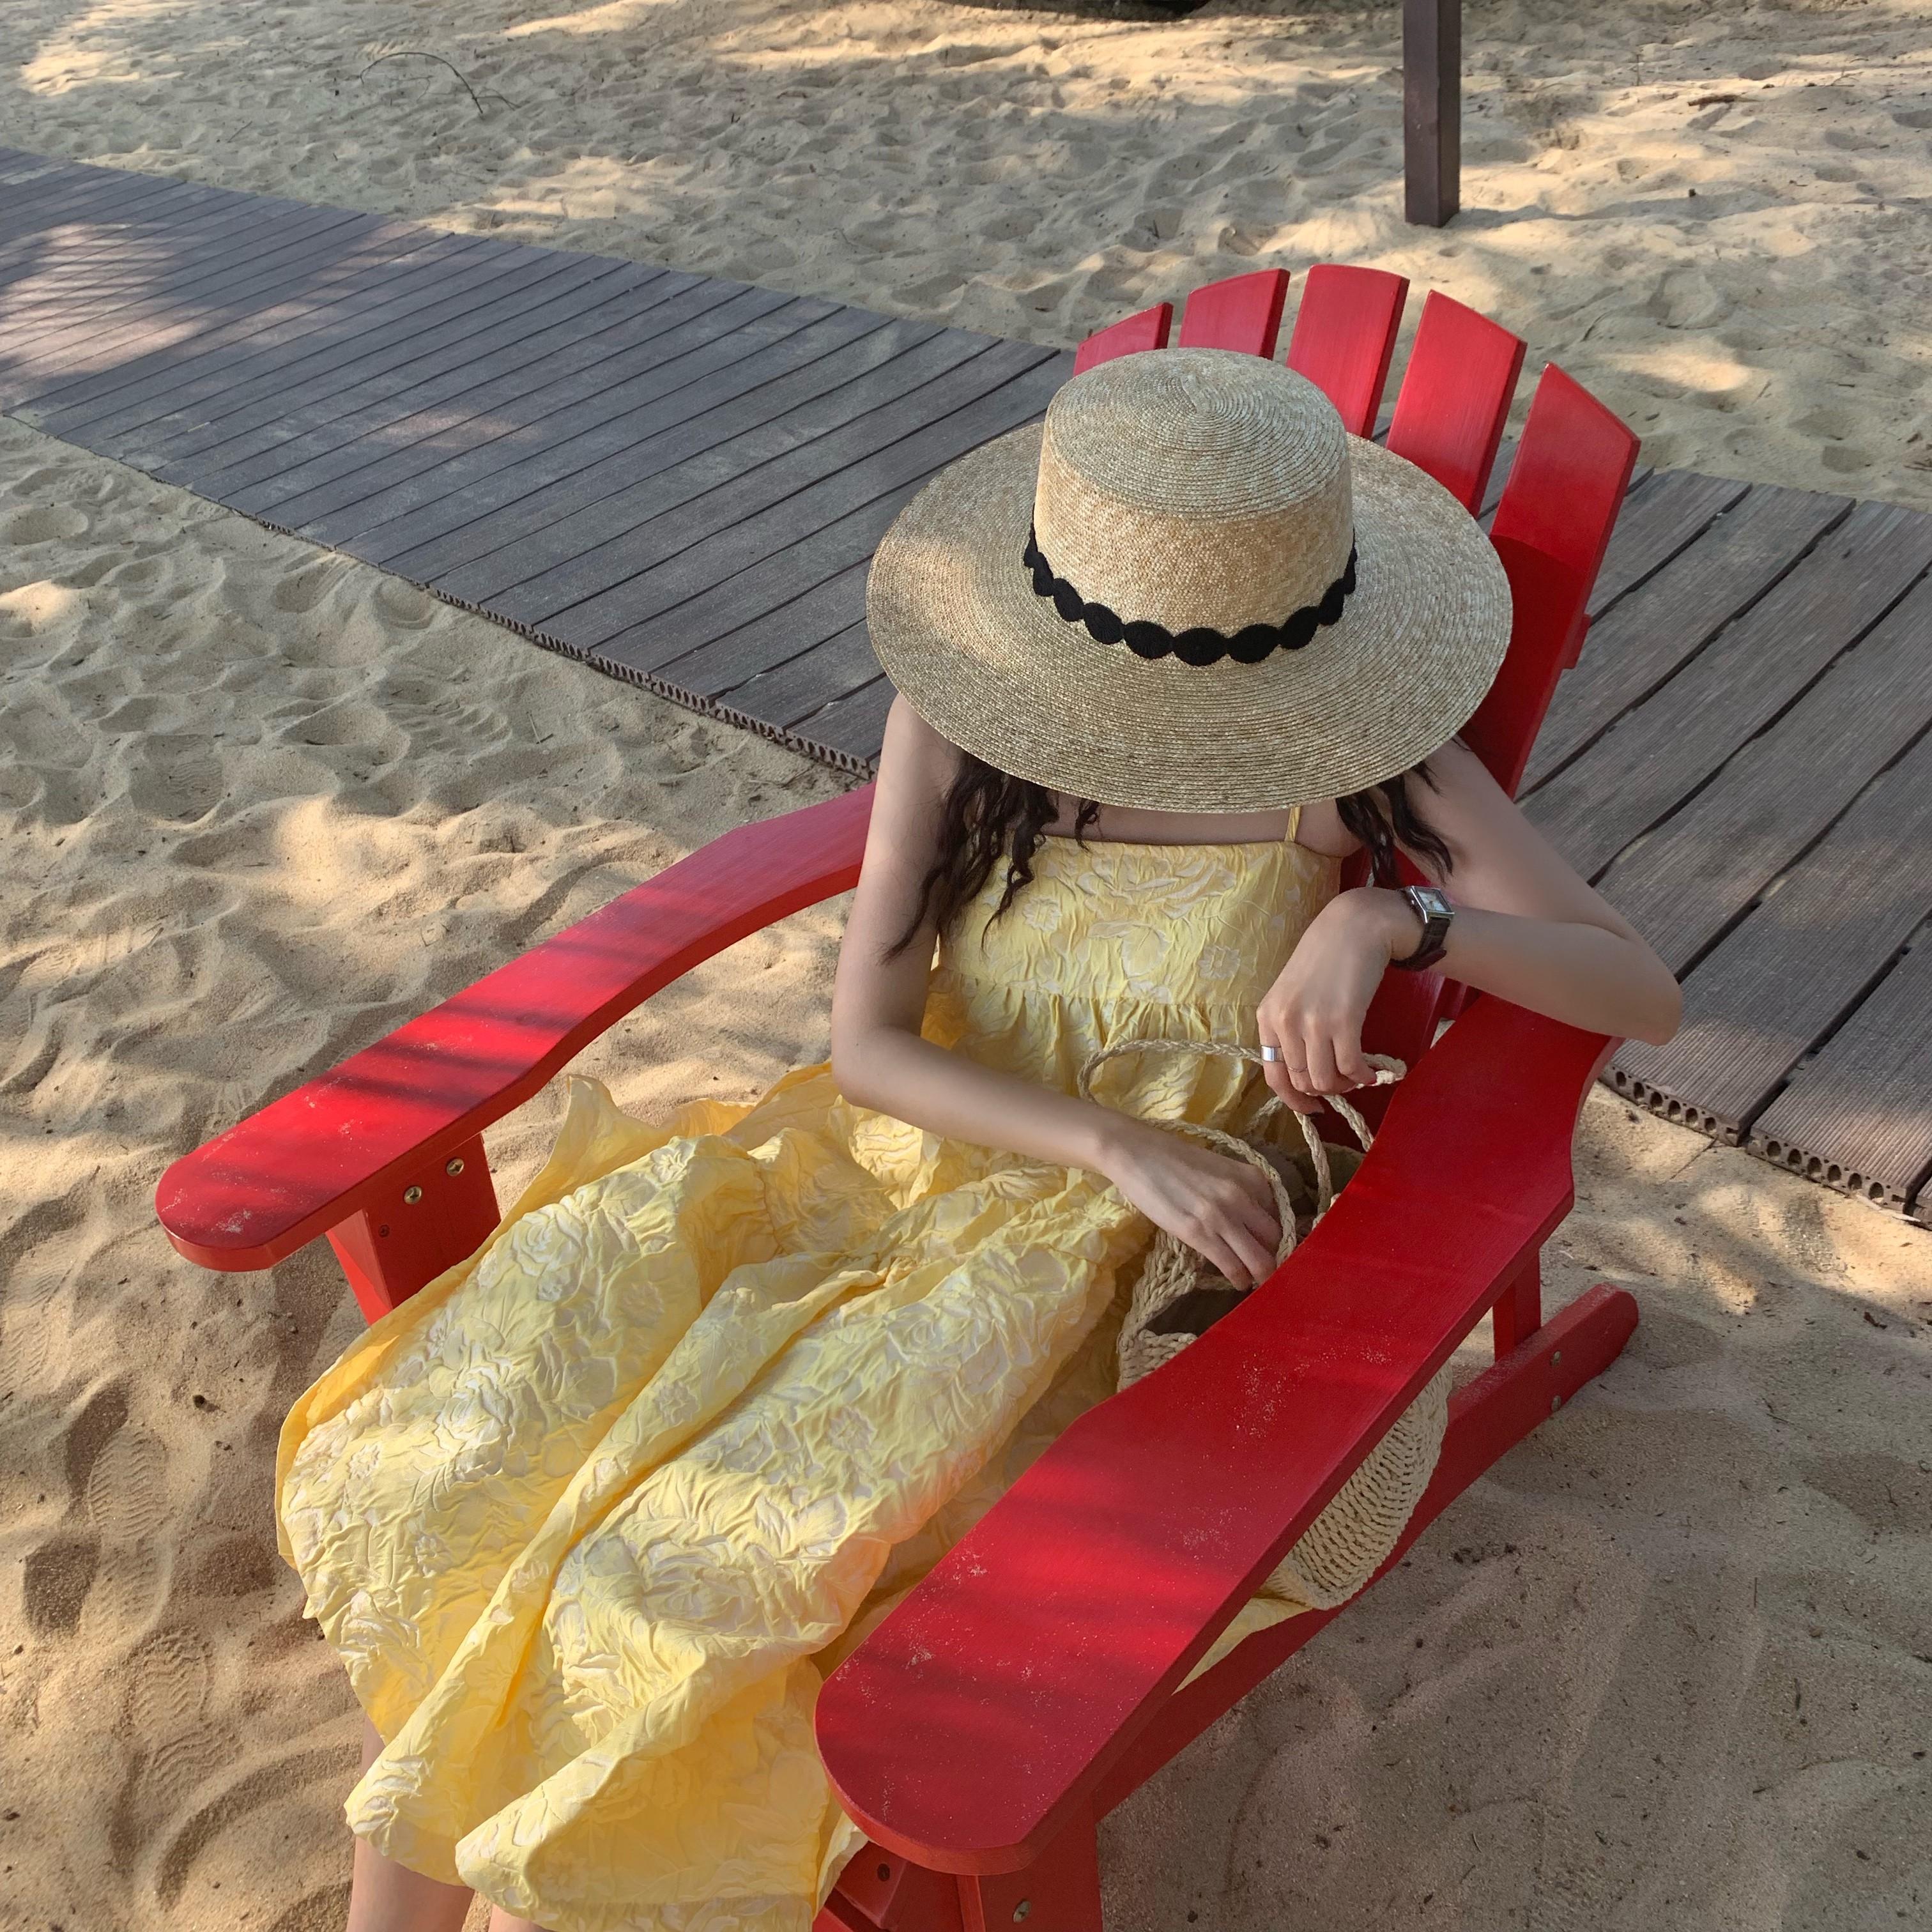 夏季户外出游防晒草帽女式遮阳帽海边沙滩太阳帽子休闲优雅韩版潮